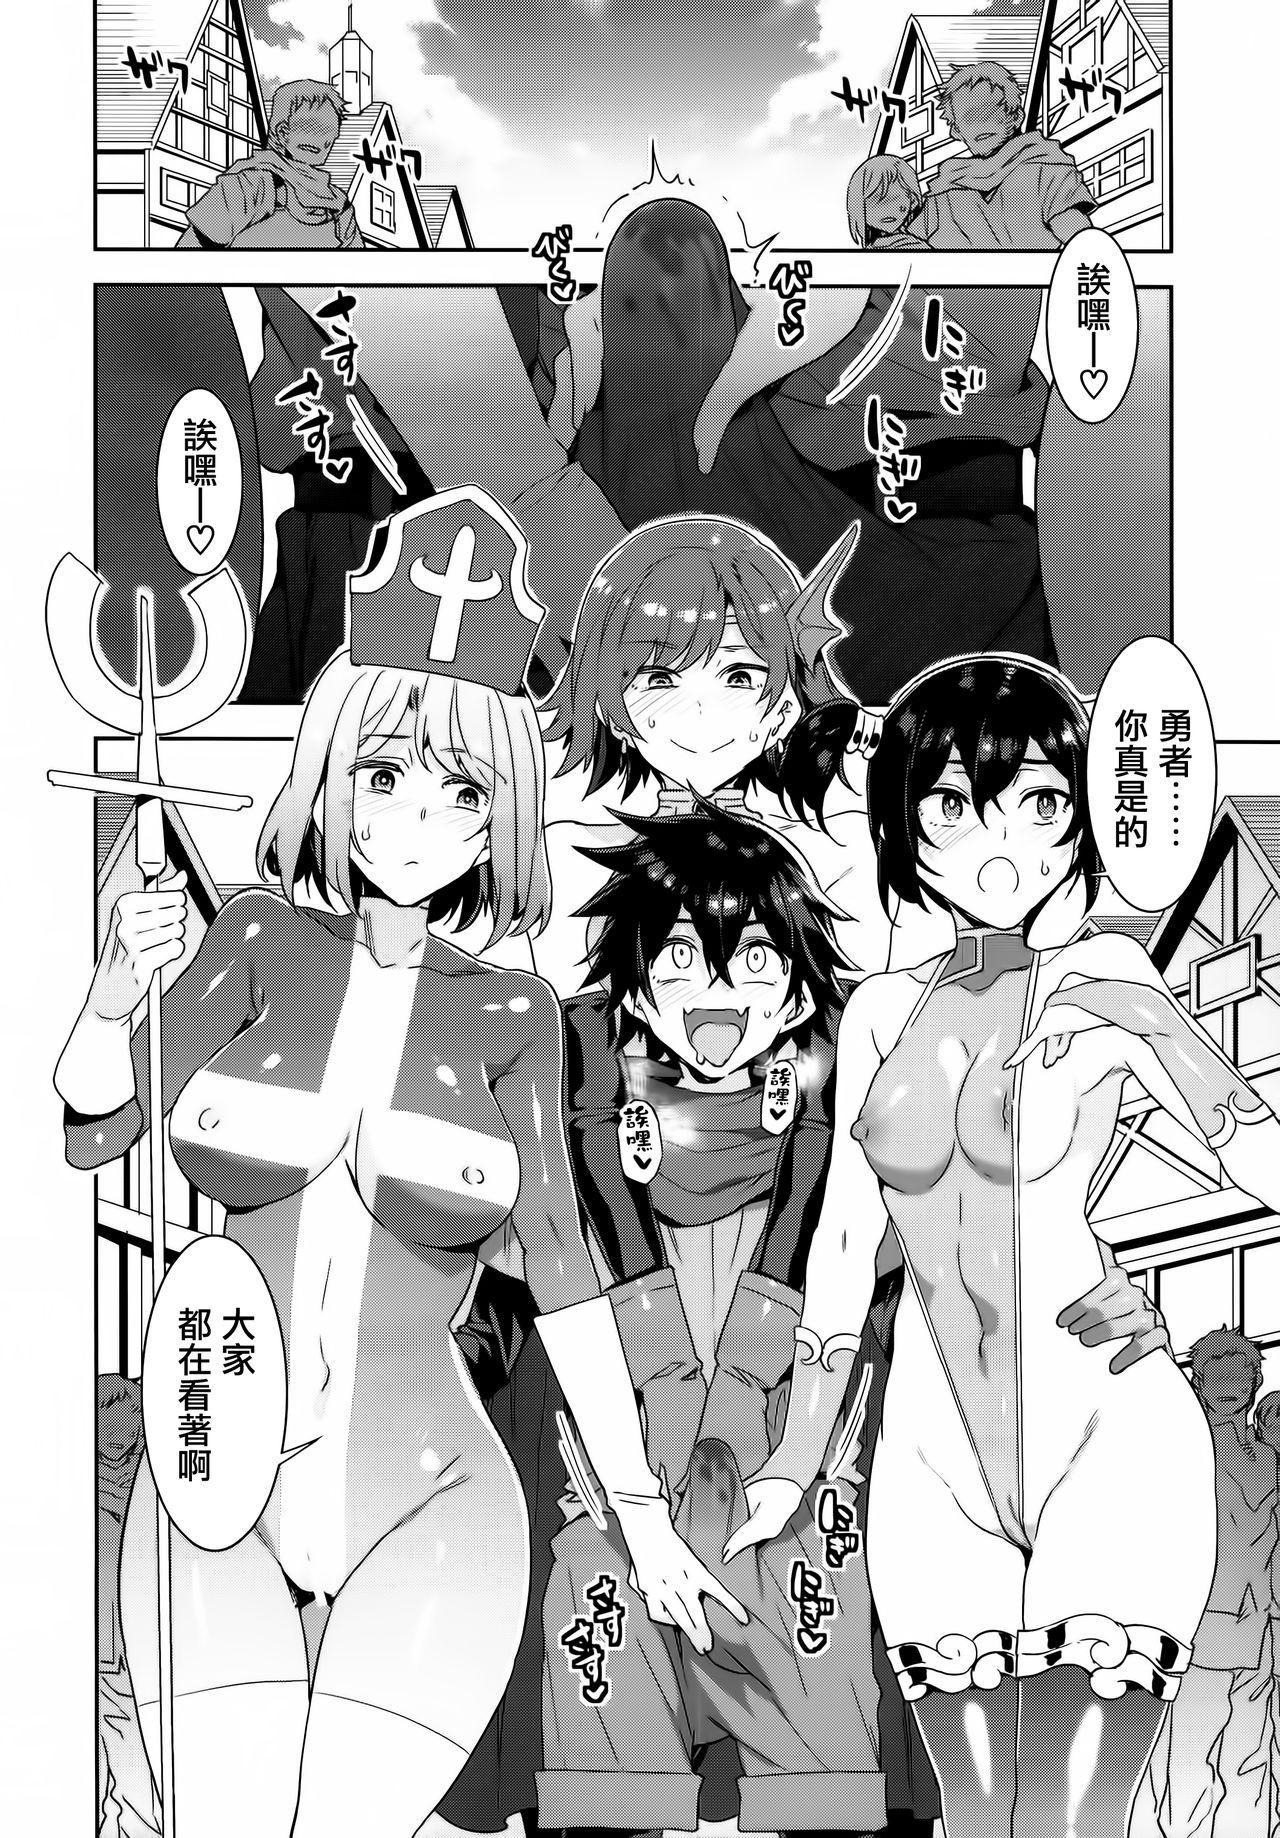 Seiyoku ni Shoujiki Sugiru Shota Yuusha 6